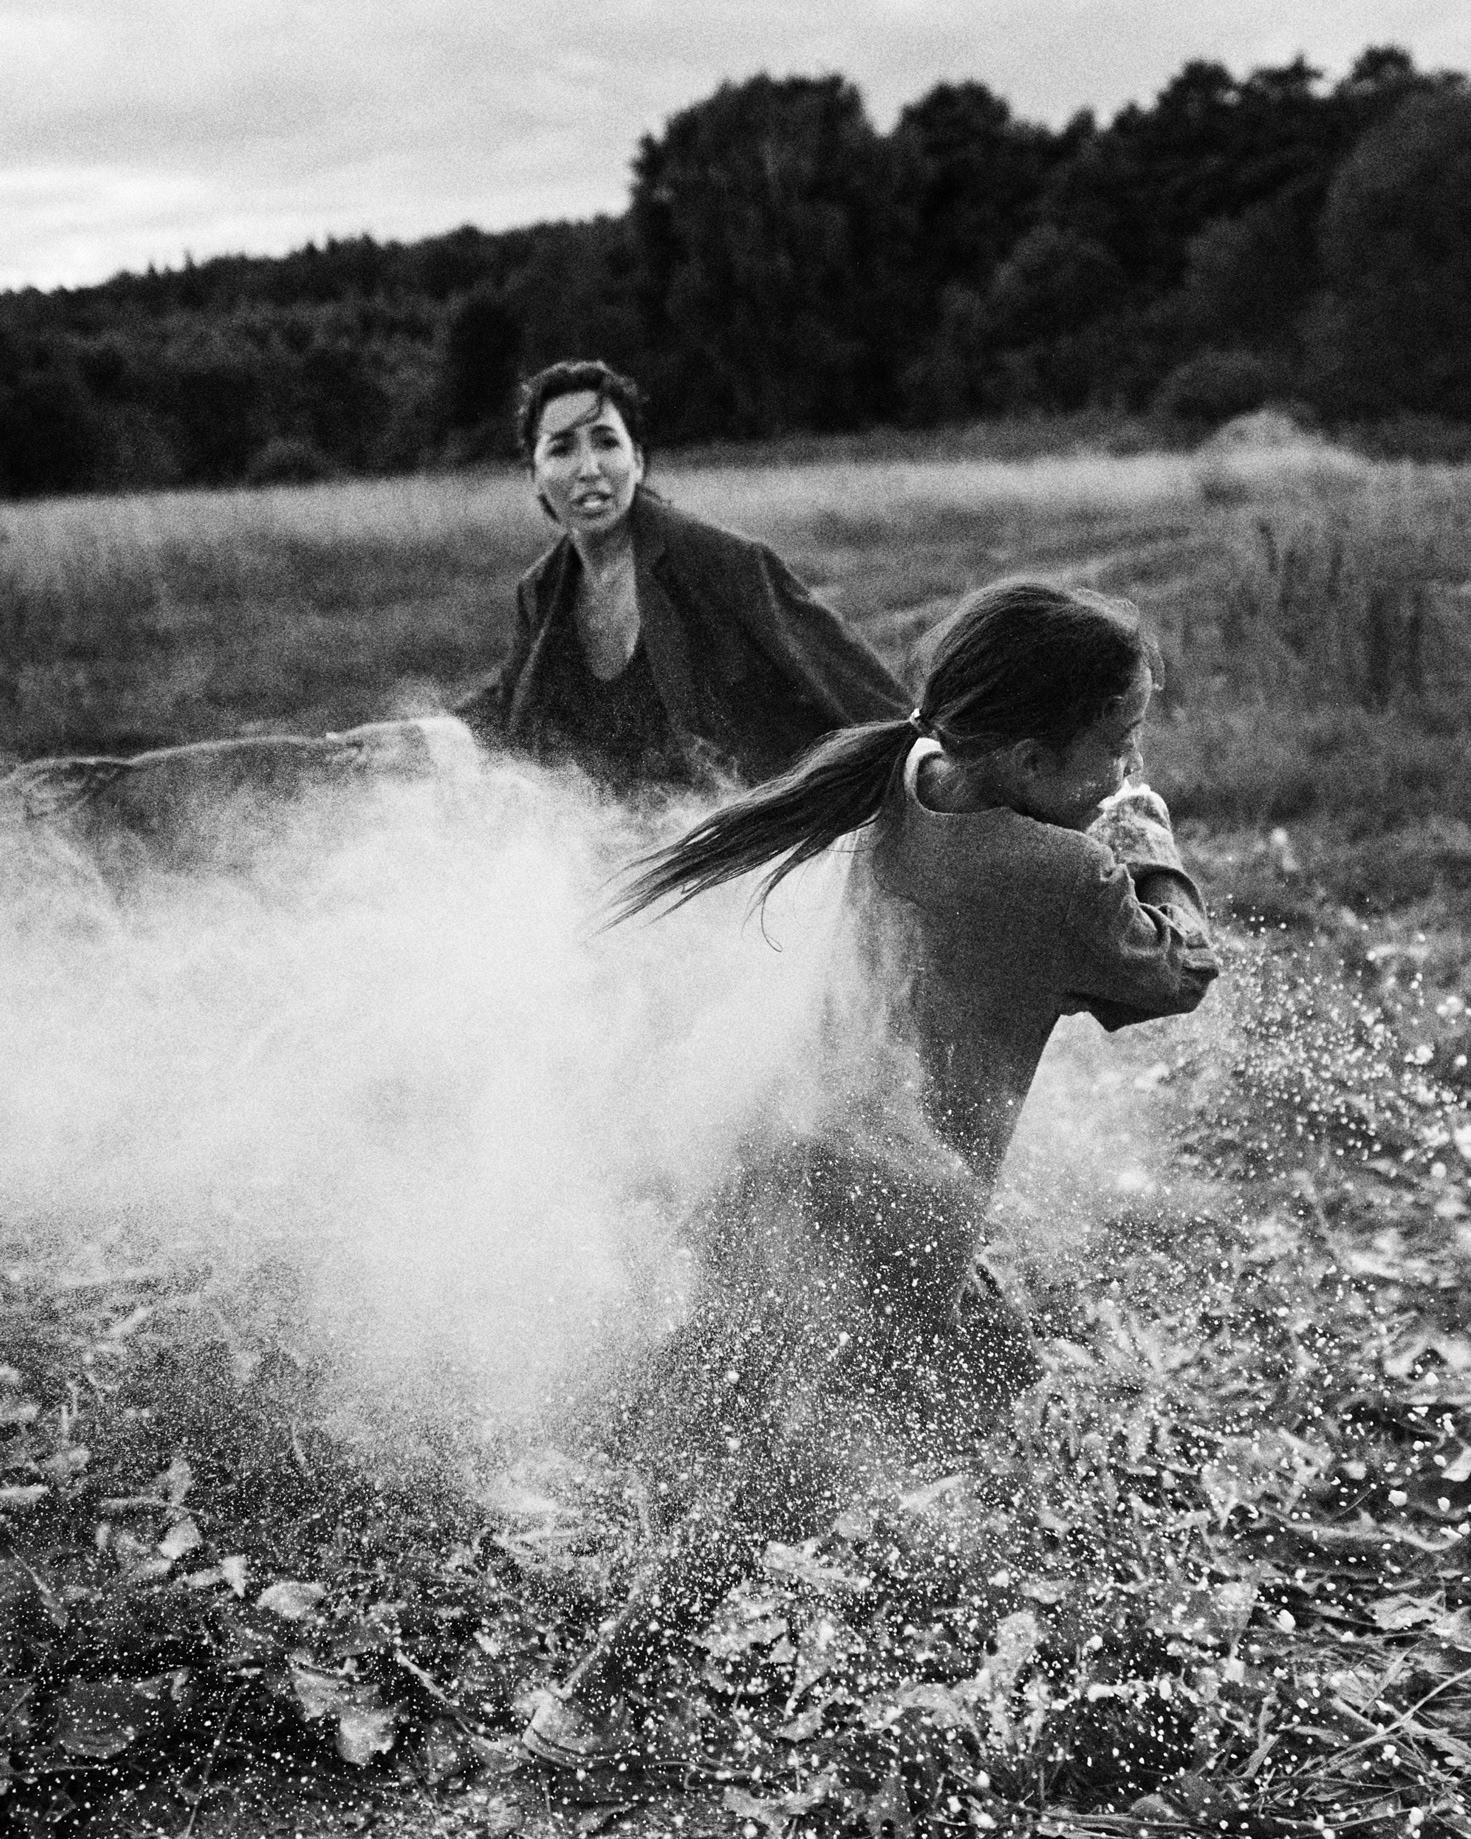 Muka - фото Igor Novikov / Мука - фотограф Игорь Новиков